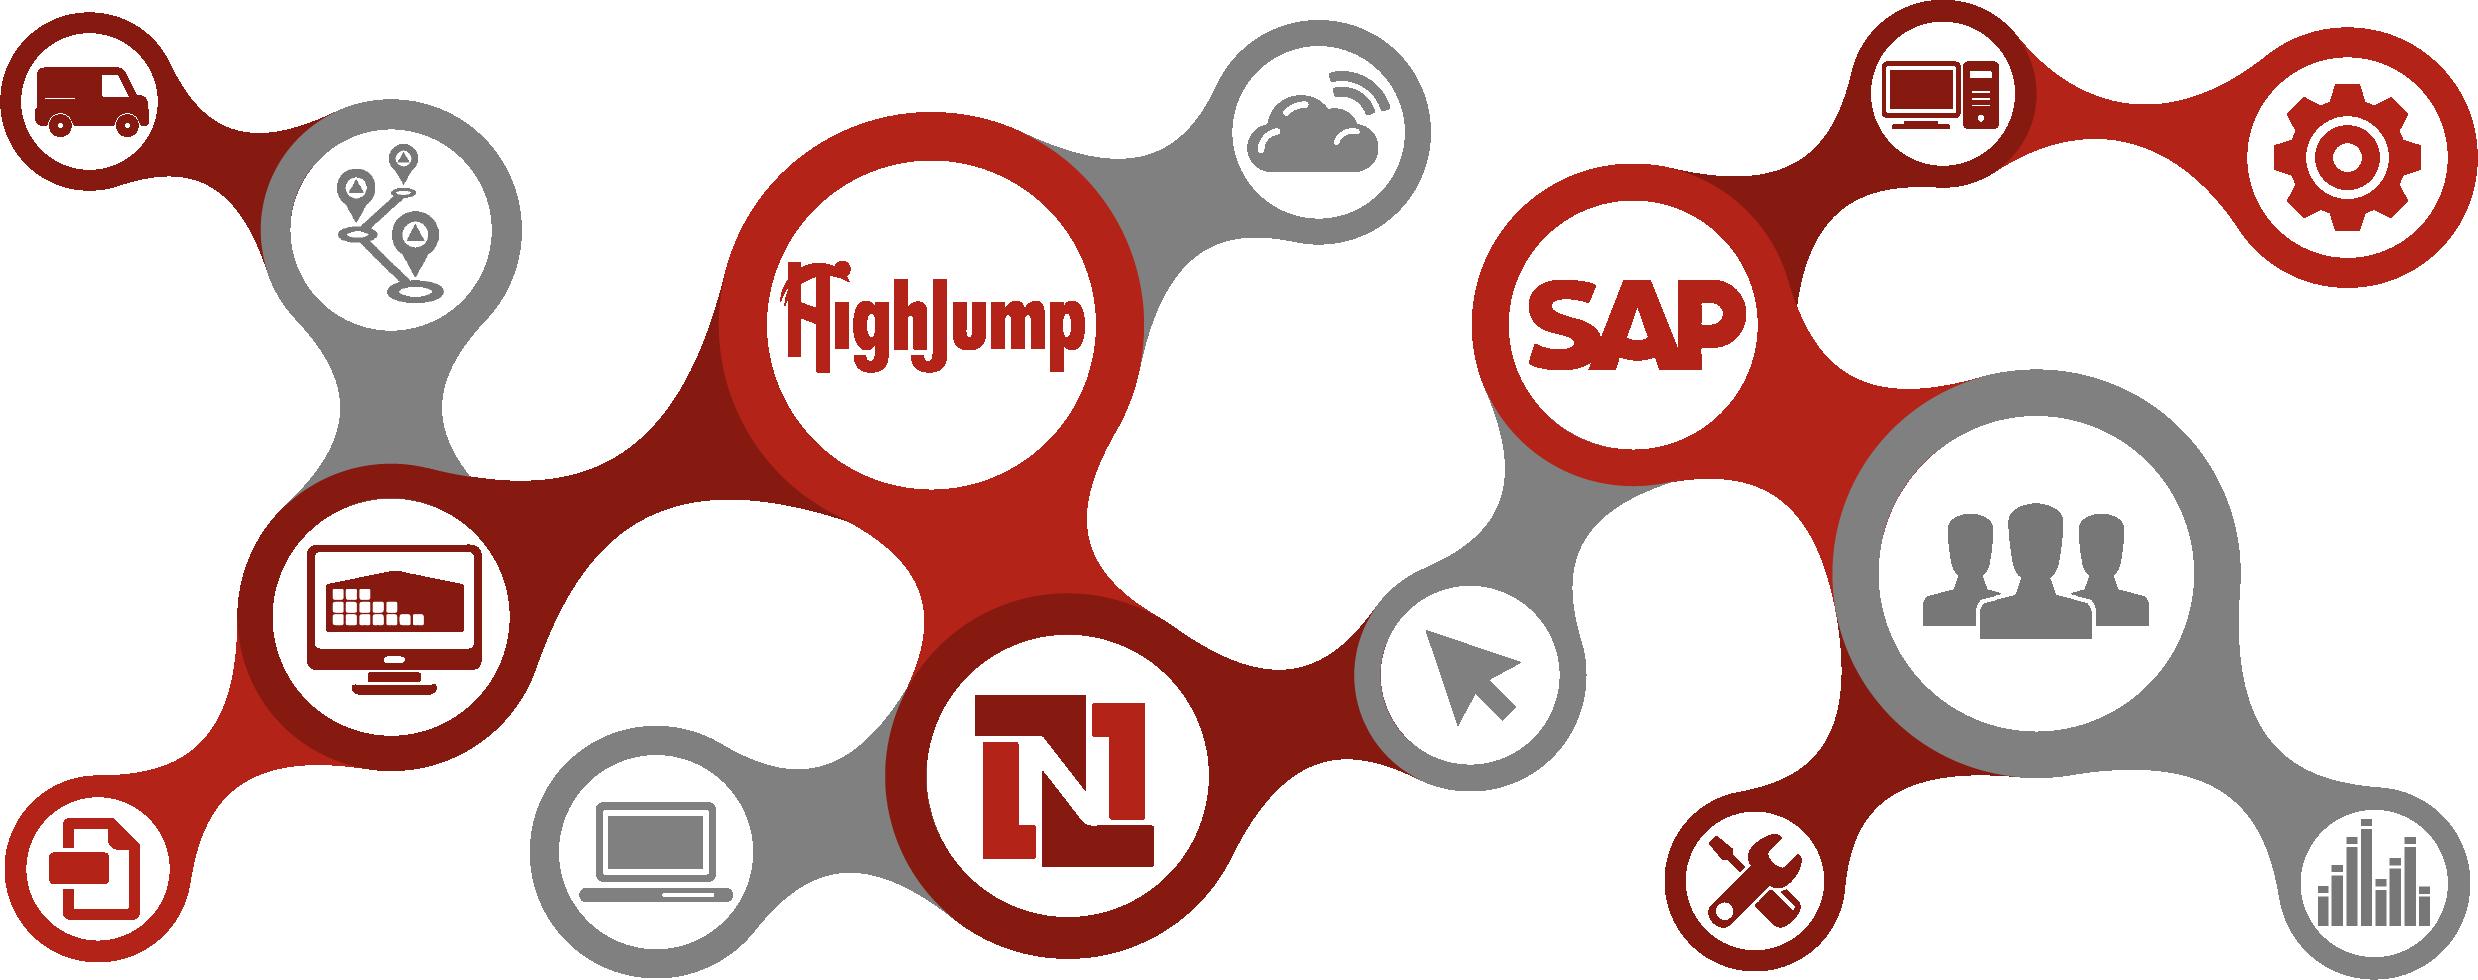 SCM_Integration_Network_No_Shadow_[600x300]